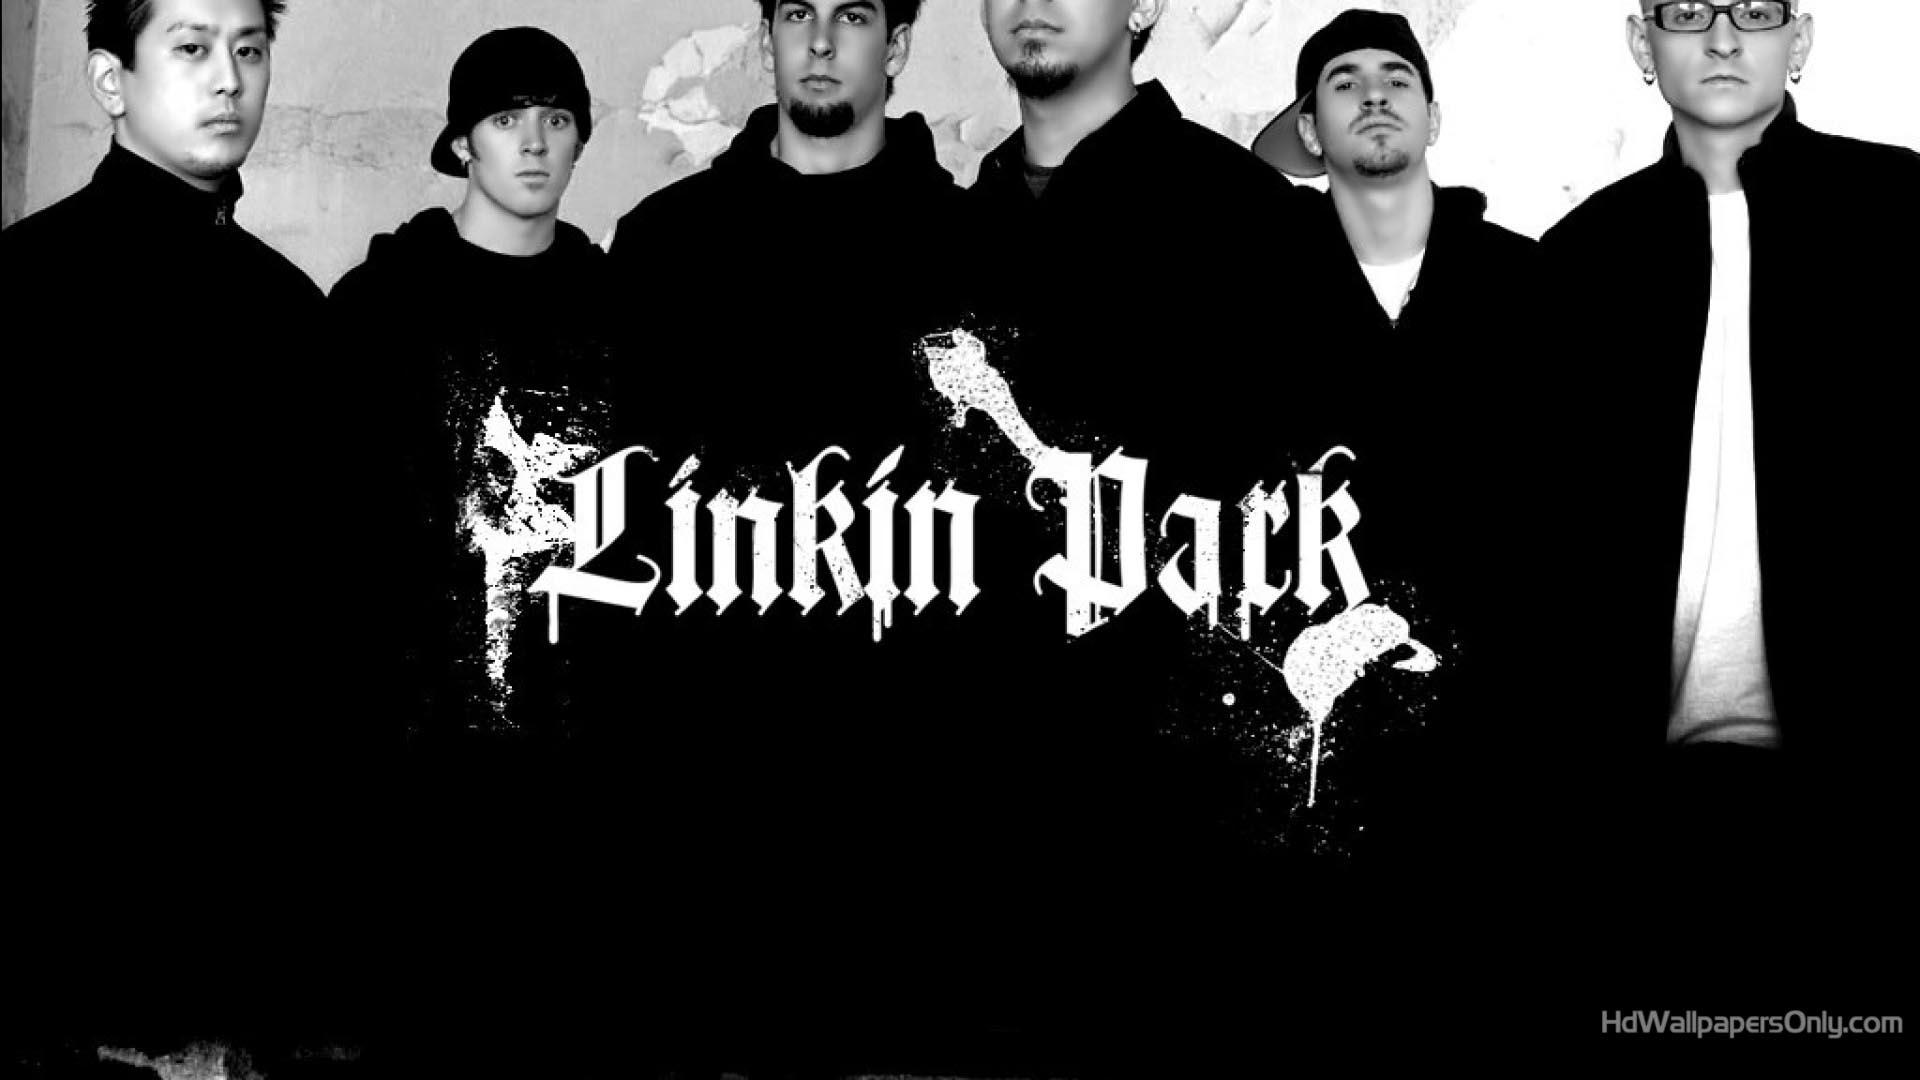 Wallpaper iphone linkin park - Linkin Park Hd Wallpapers 1080p Hd Wallpapers Onlyhd Wallpapers Only